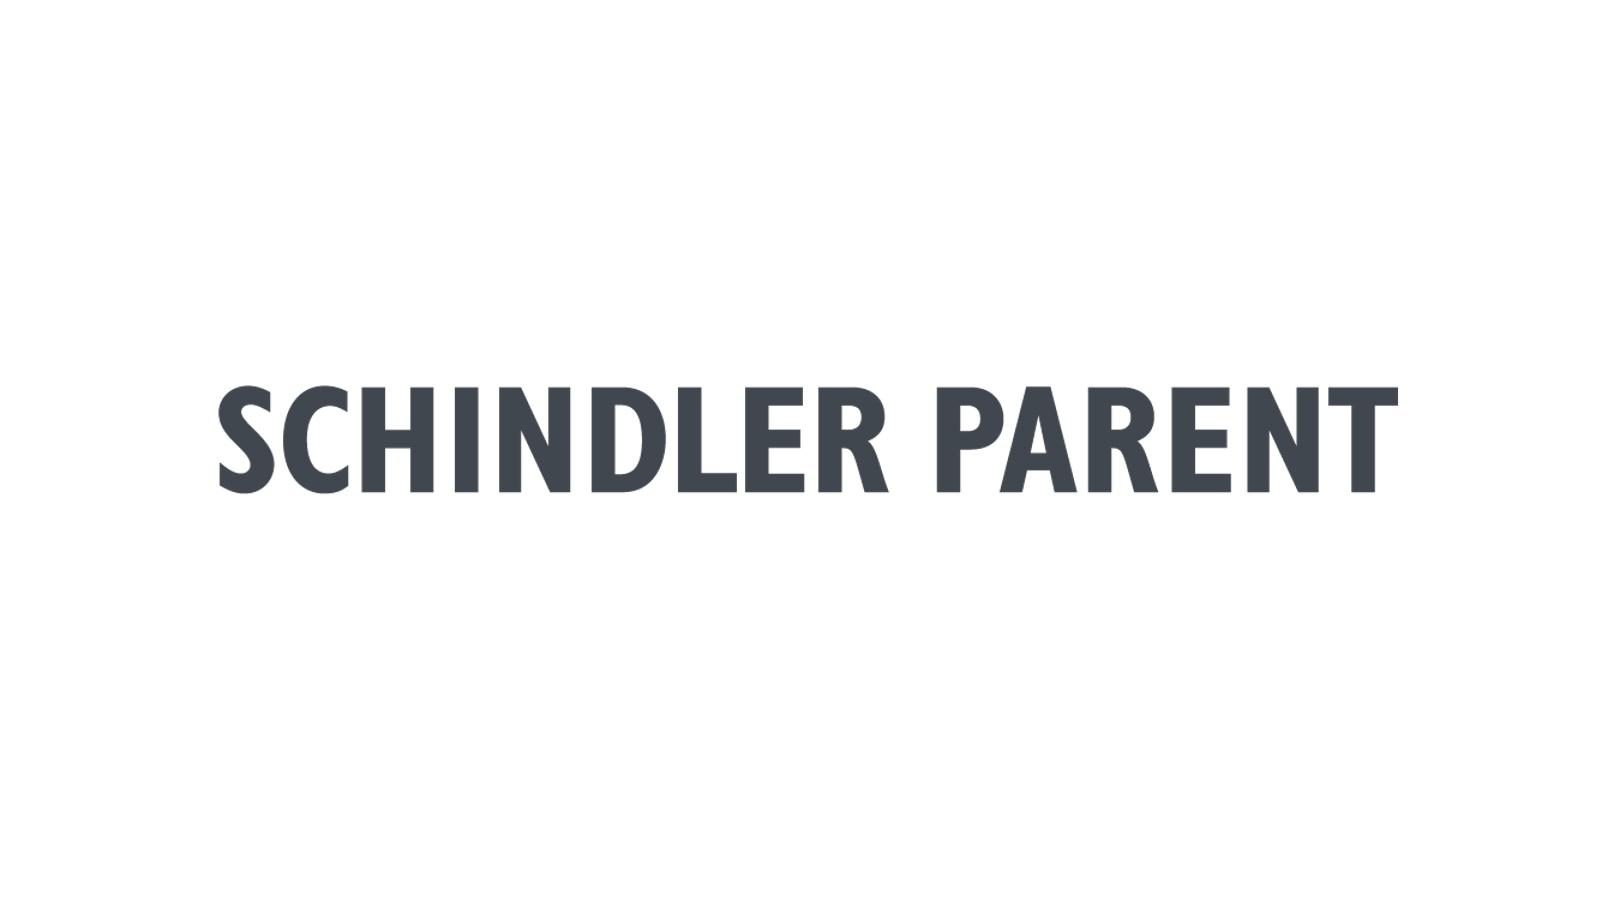 SchindlerParent_1600